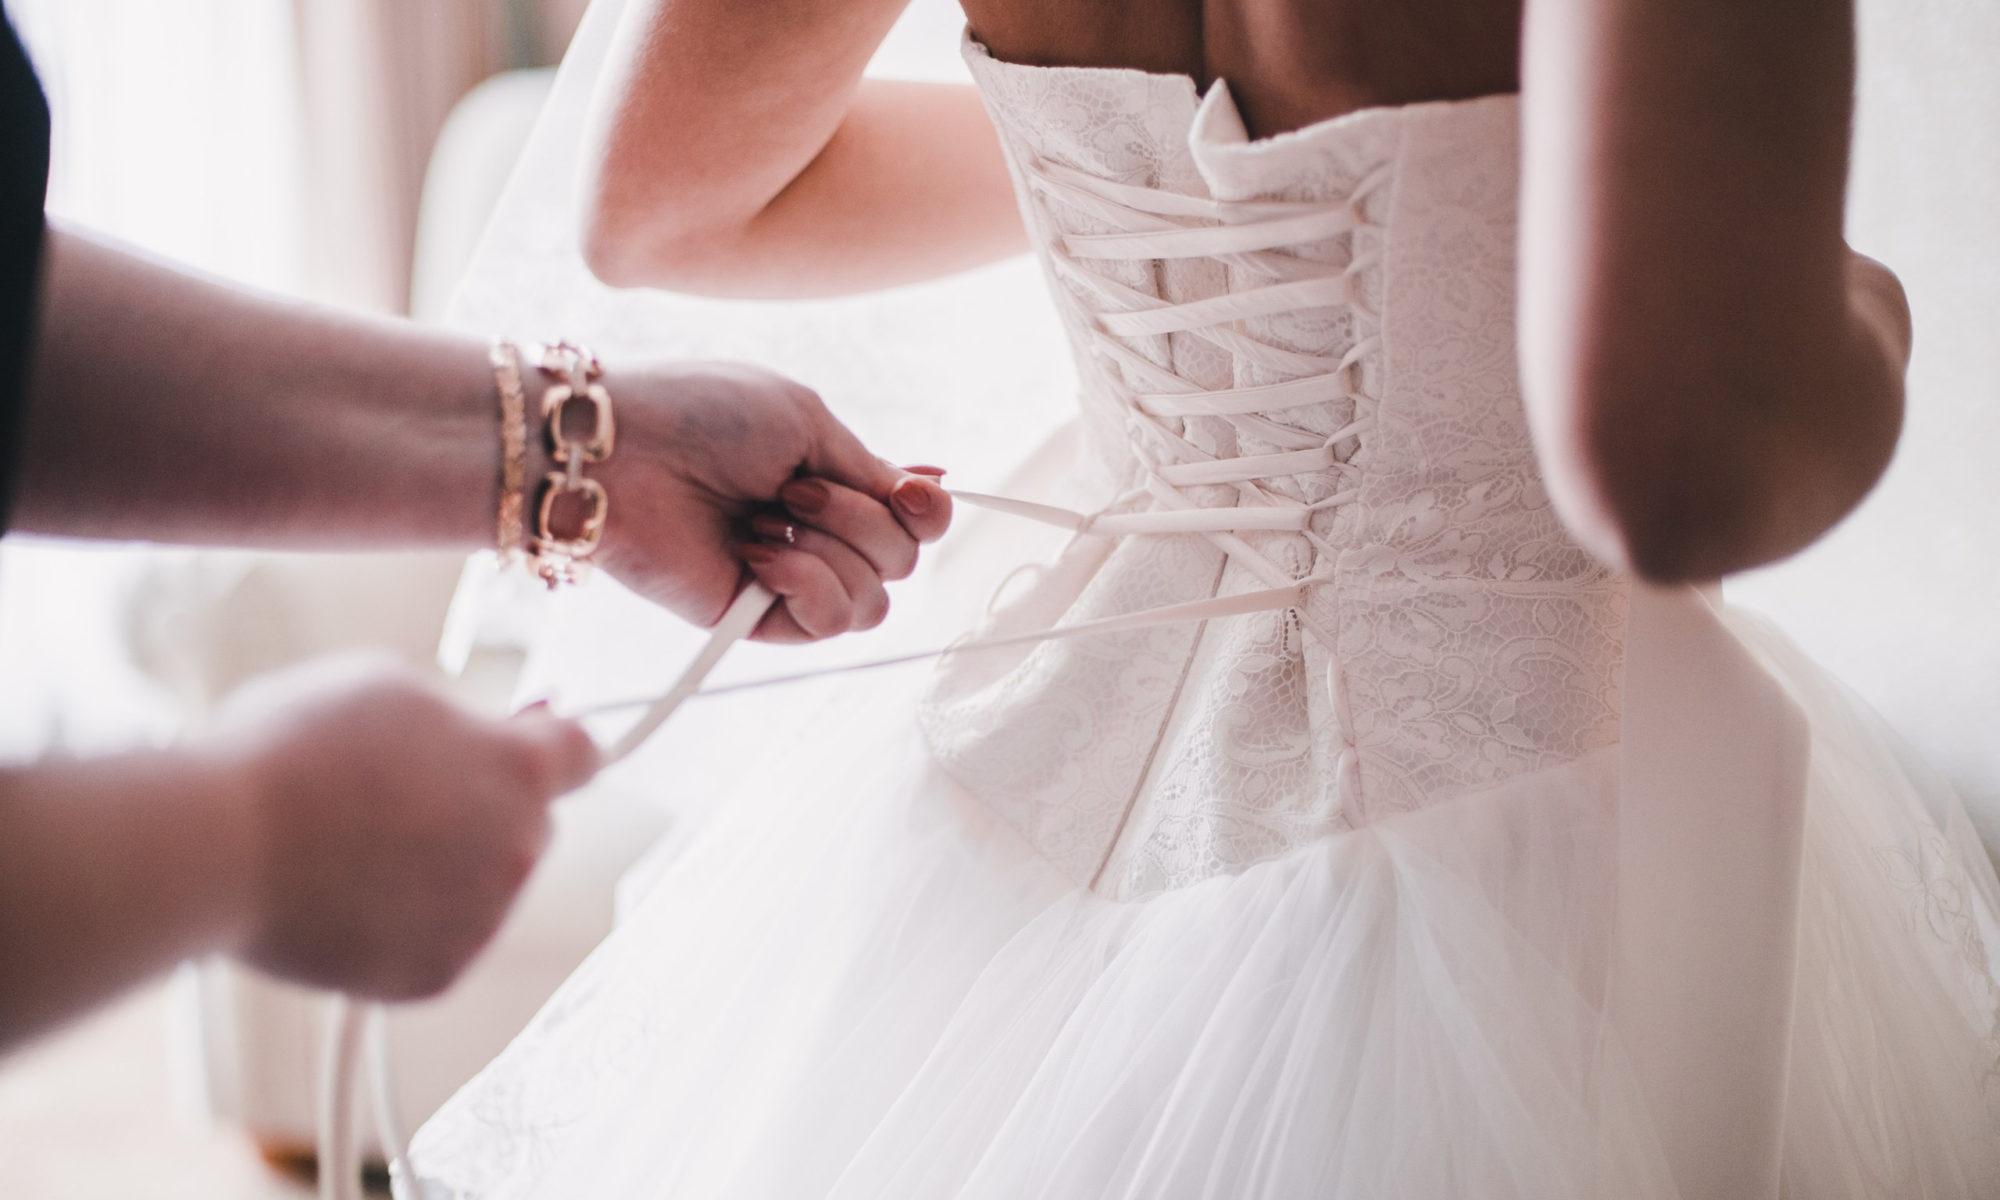 Hochzeitskleider im Hintergrund im Vordergrund wird der Braut ins Hochzeitskleid geholfen